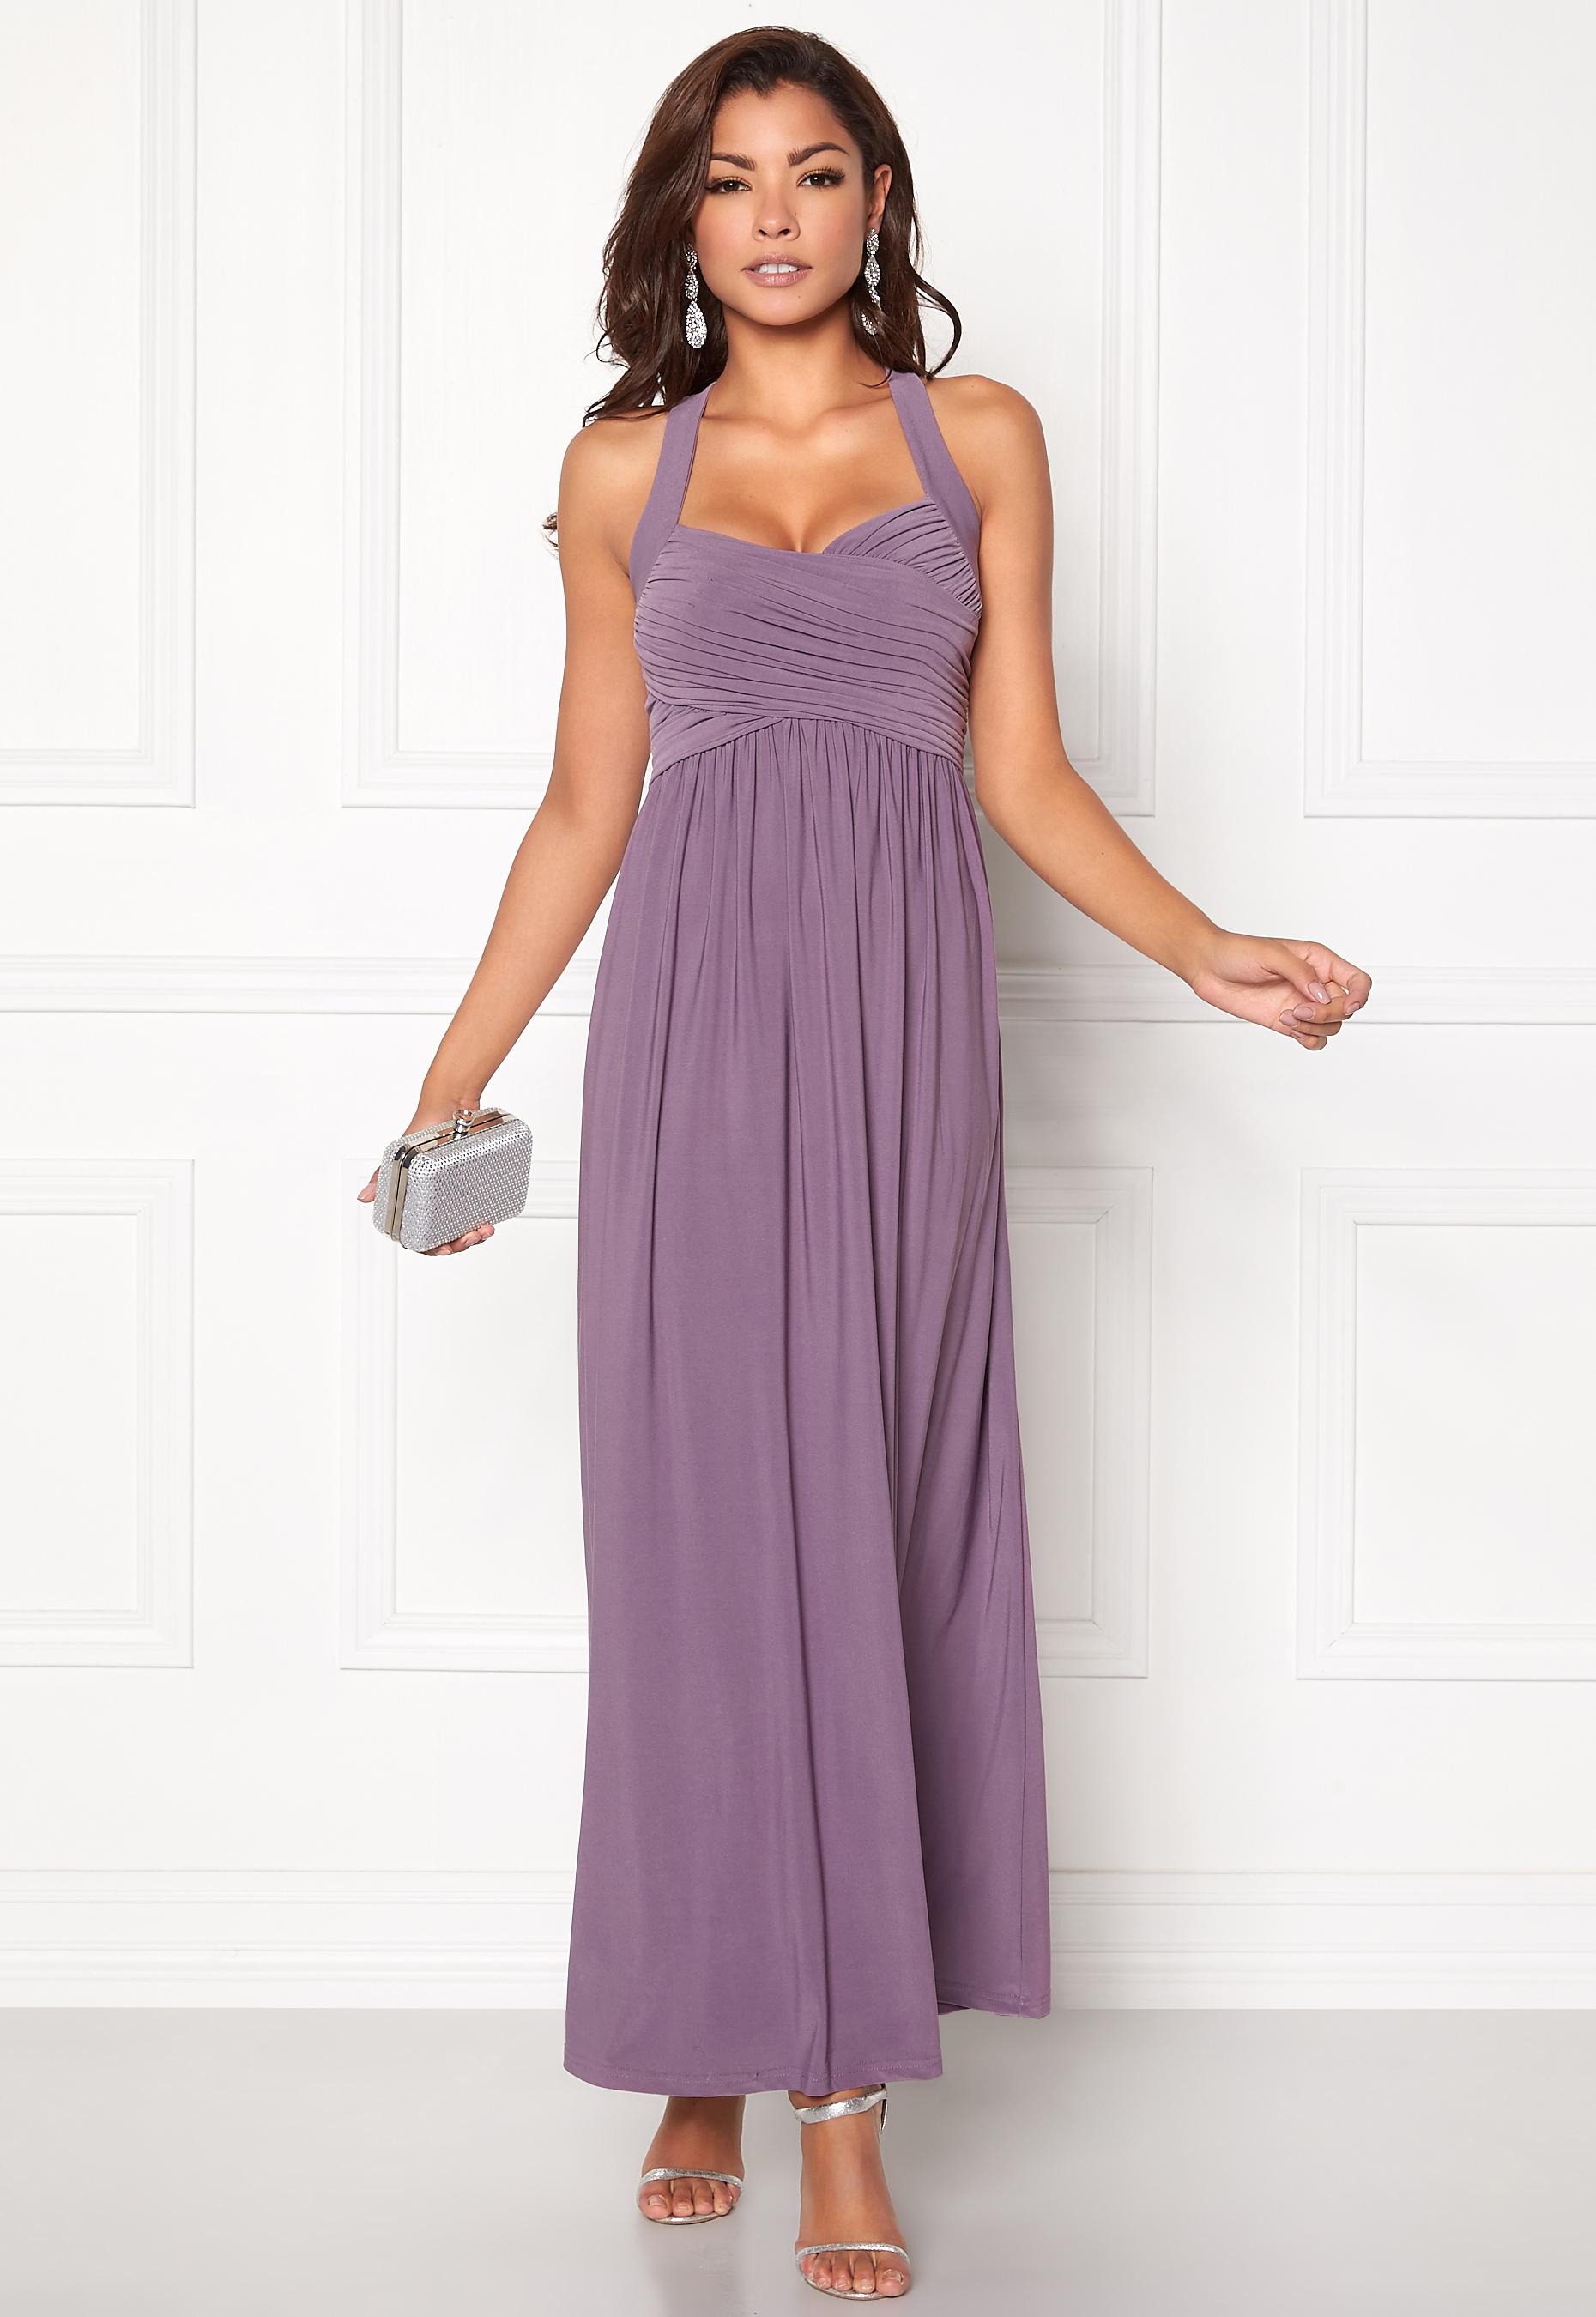 3dcb2fa3ffc6 Chiara Forthi Rochelle Maxi Dress Dusty lilac - Bubbleroom